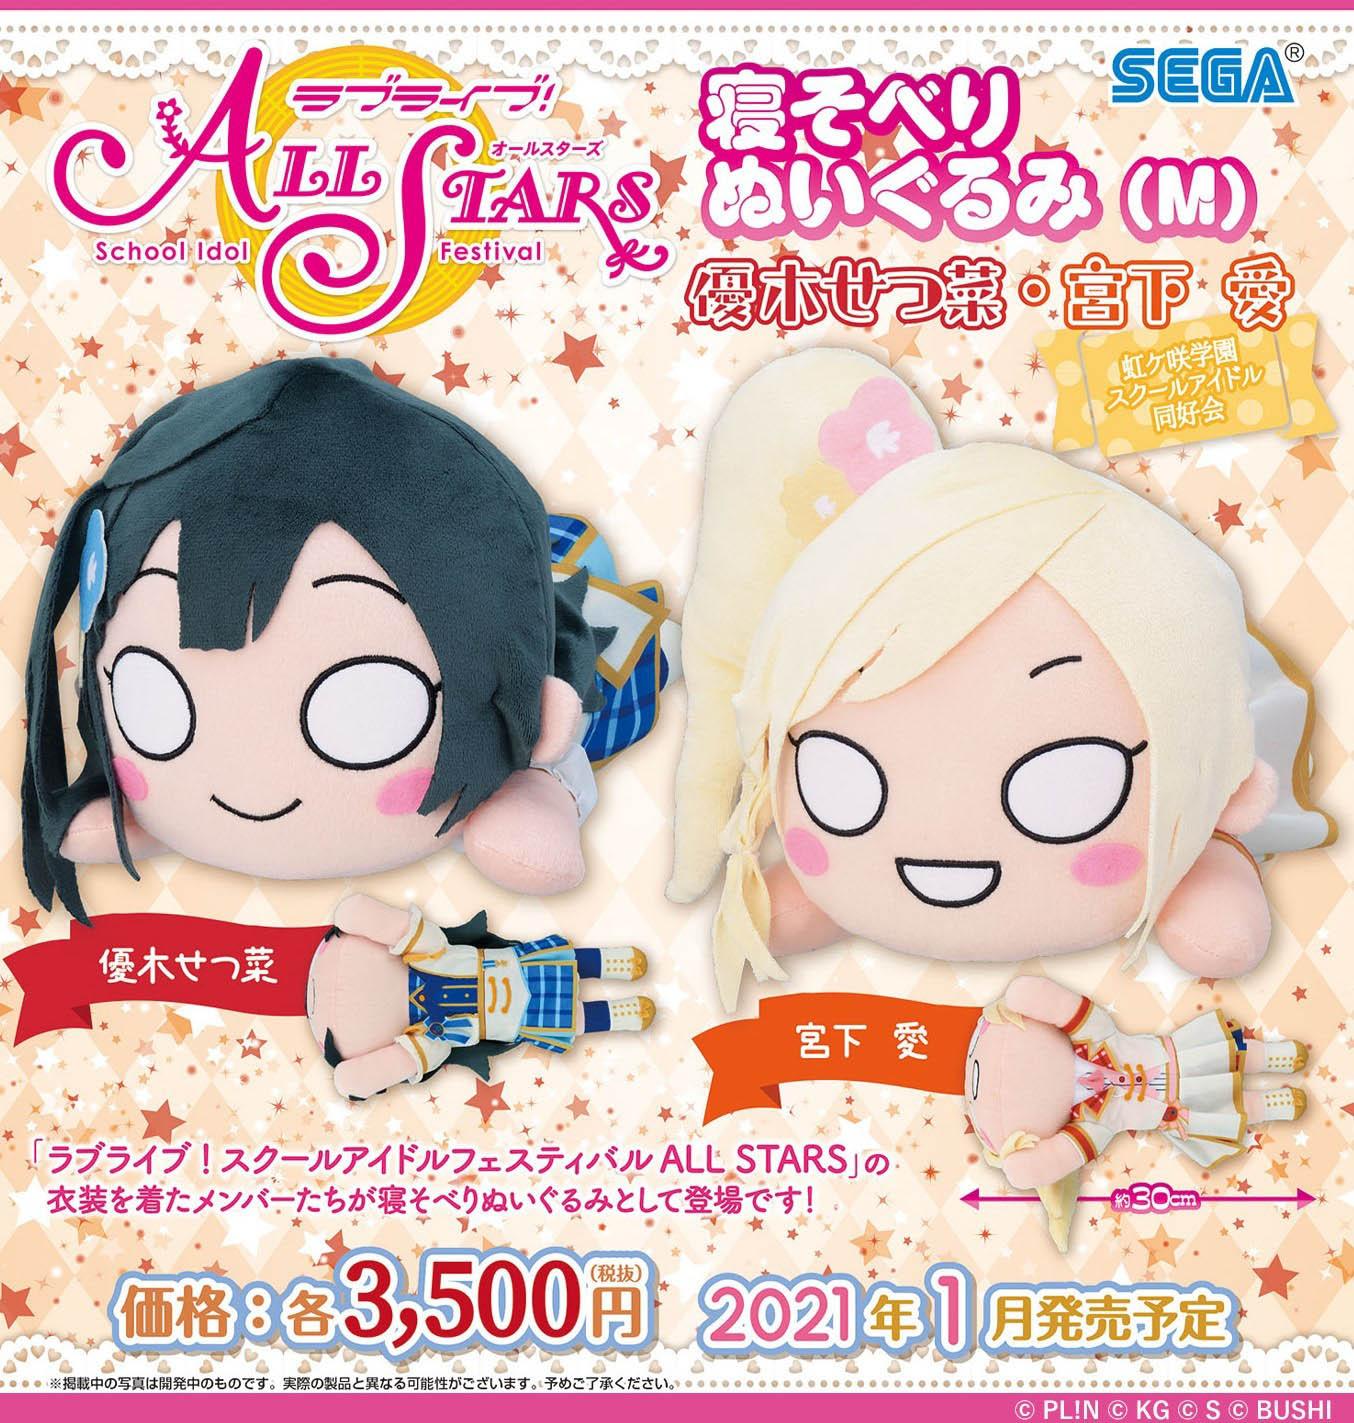 ラブライブ! スクールアイドルフェスティバル ALL STARS『優木せつ菜(M)』寝そべりぬいぐるみ-005